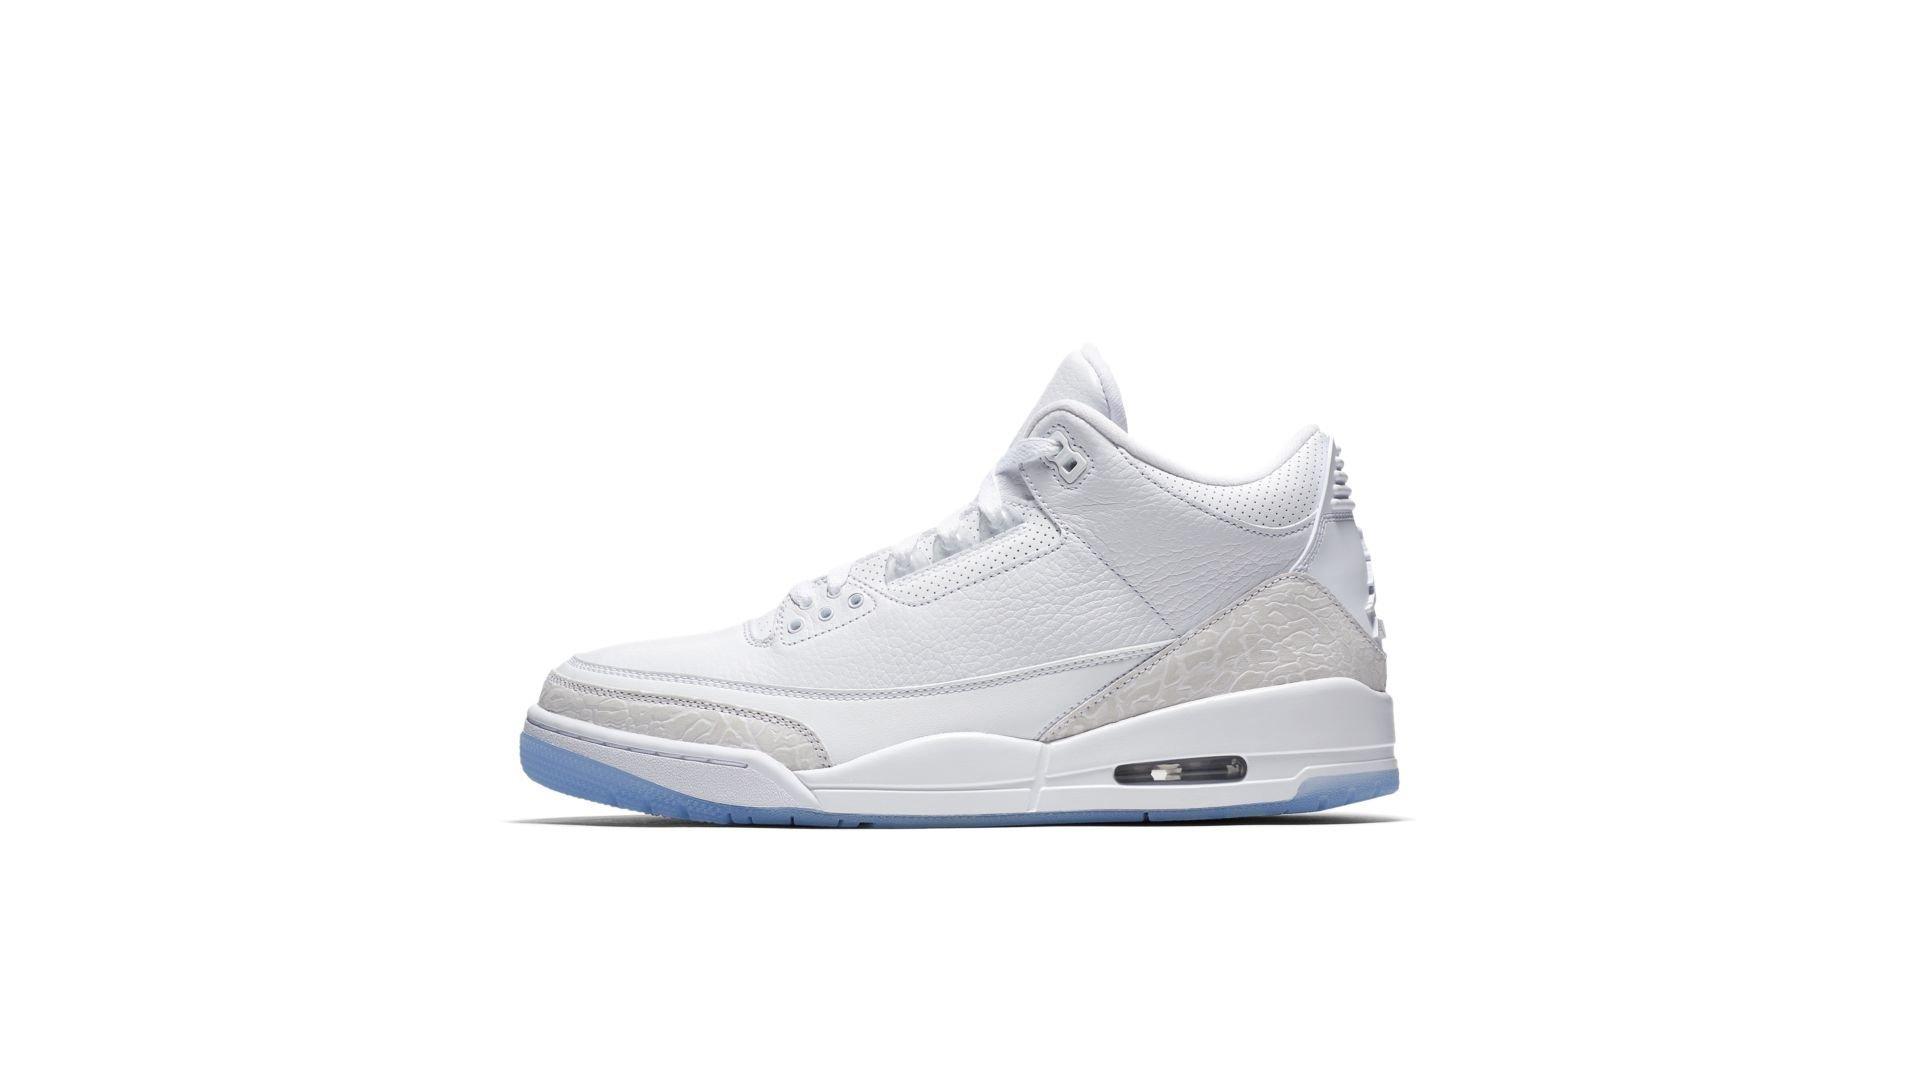 Air Jordan 3 Pure White (136064-111)